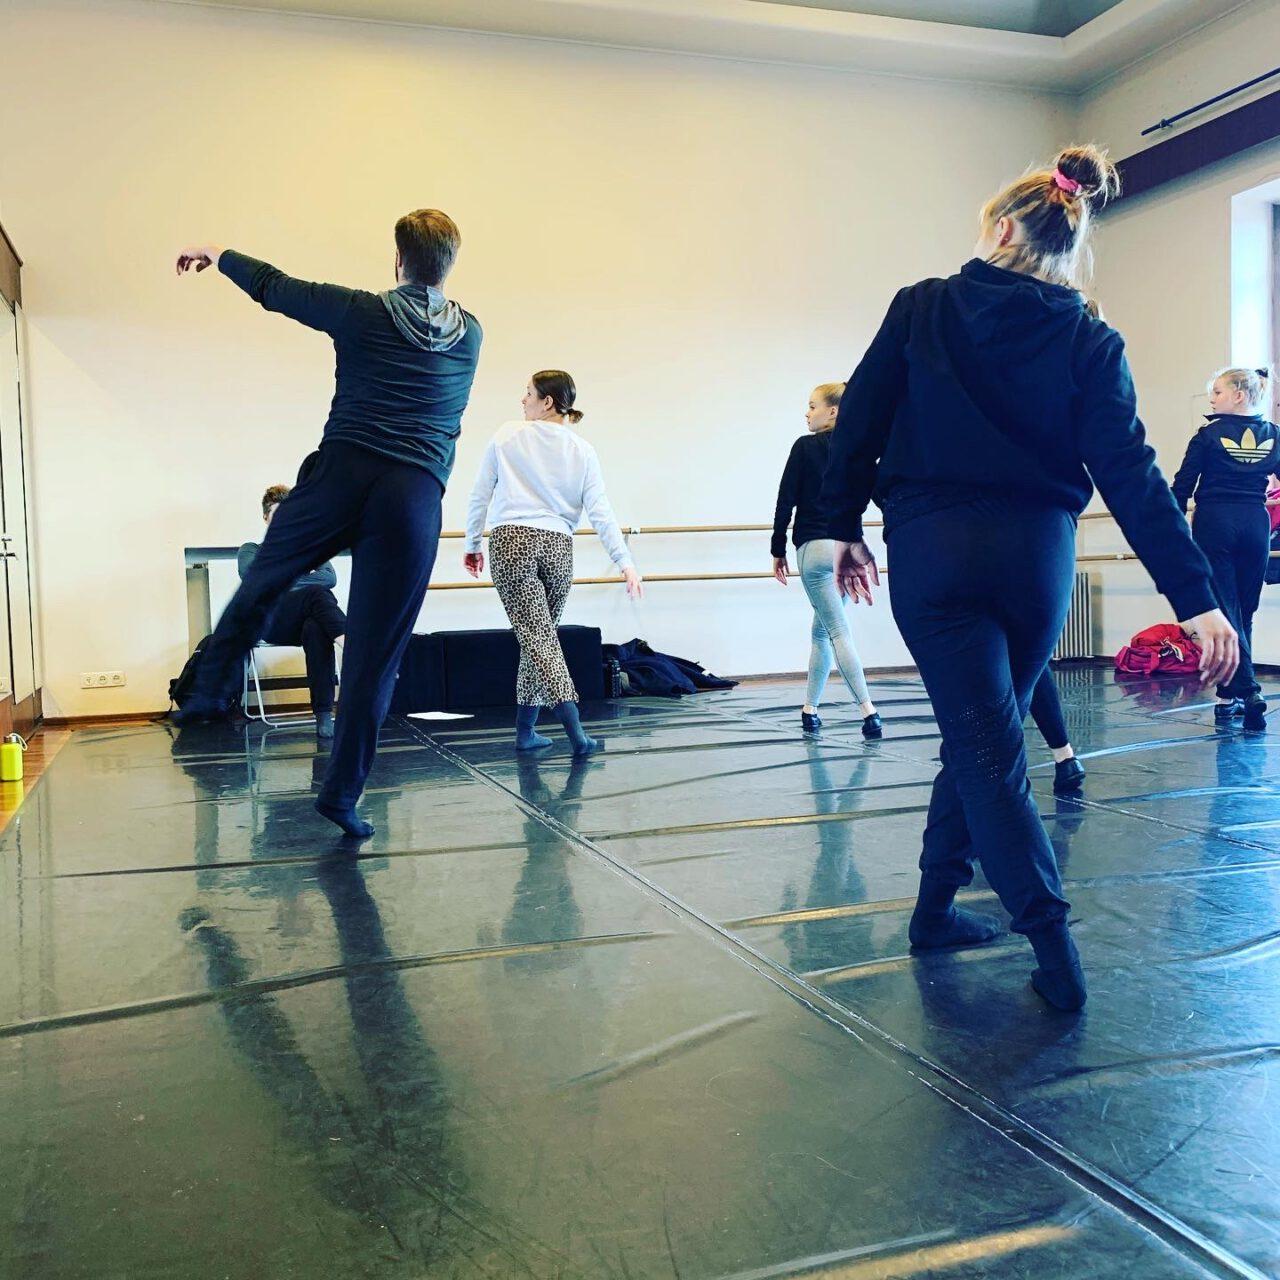 Tunneilla työstetään pienimuotoisia koreografisia sommitelmia niin valmiin liikemateriaalin kuin improvisaatiotehtävienkin pohjalta. Tanssisalin lisäksi työskennellään erilaisissa ulkotiloissa ja otetaan ympäristö osaksi omaa tanssia. Pääpaino on havainnoivassa liikkeessä, ympäristön ja toisten aistimisessa sekä kokonaisvaltaisessa kokemuksellisuudessa.